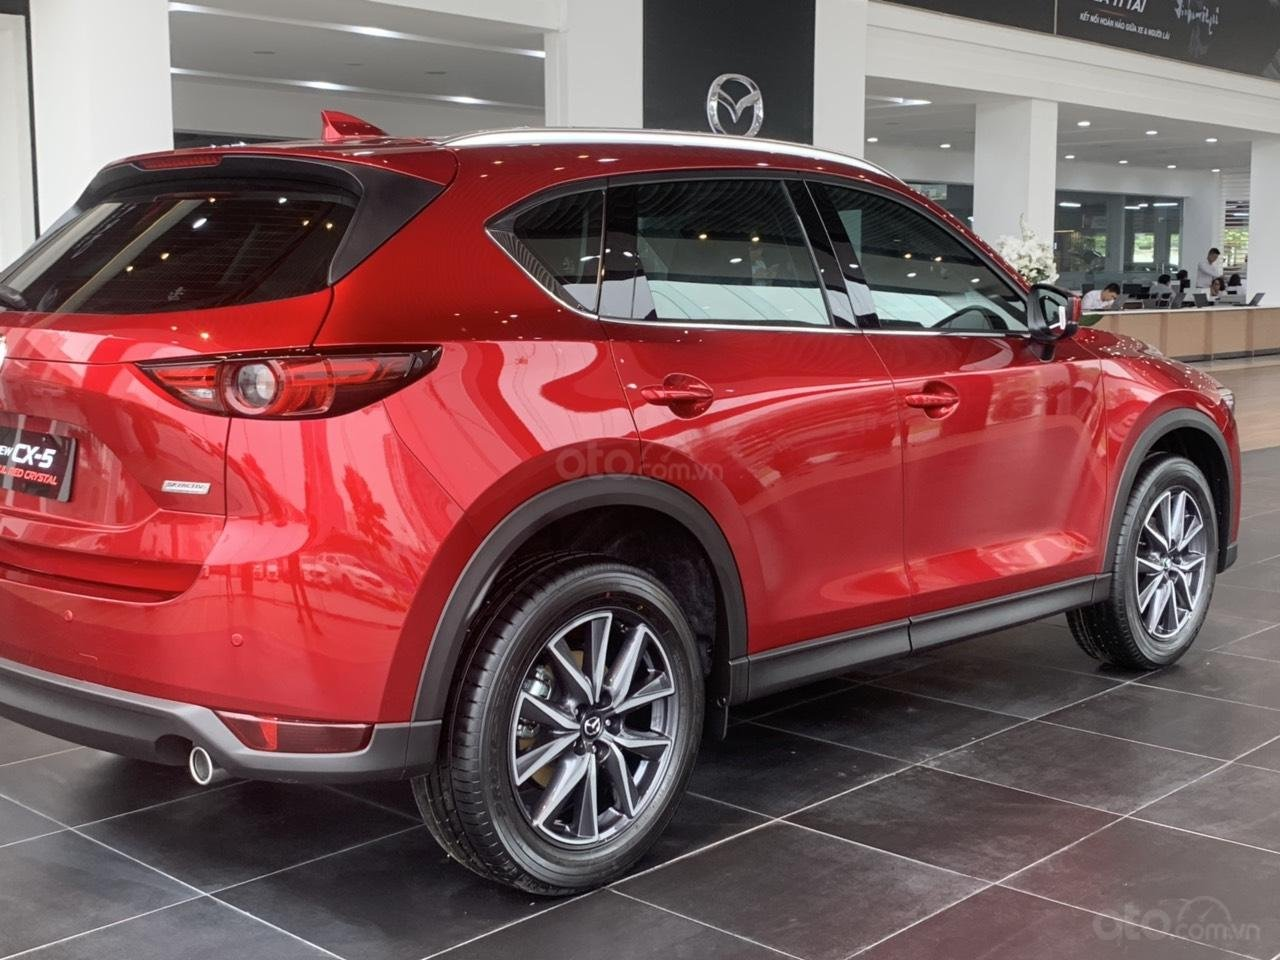 Mazda CX5 2.0 2019 ưu đãi T11 100tr, TG 90%, hỗ trợ giao xe, ĐKĐK, giải quyết nợ xấu, LH 0981 485 819 (5)